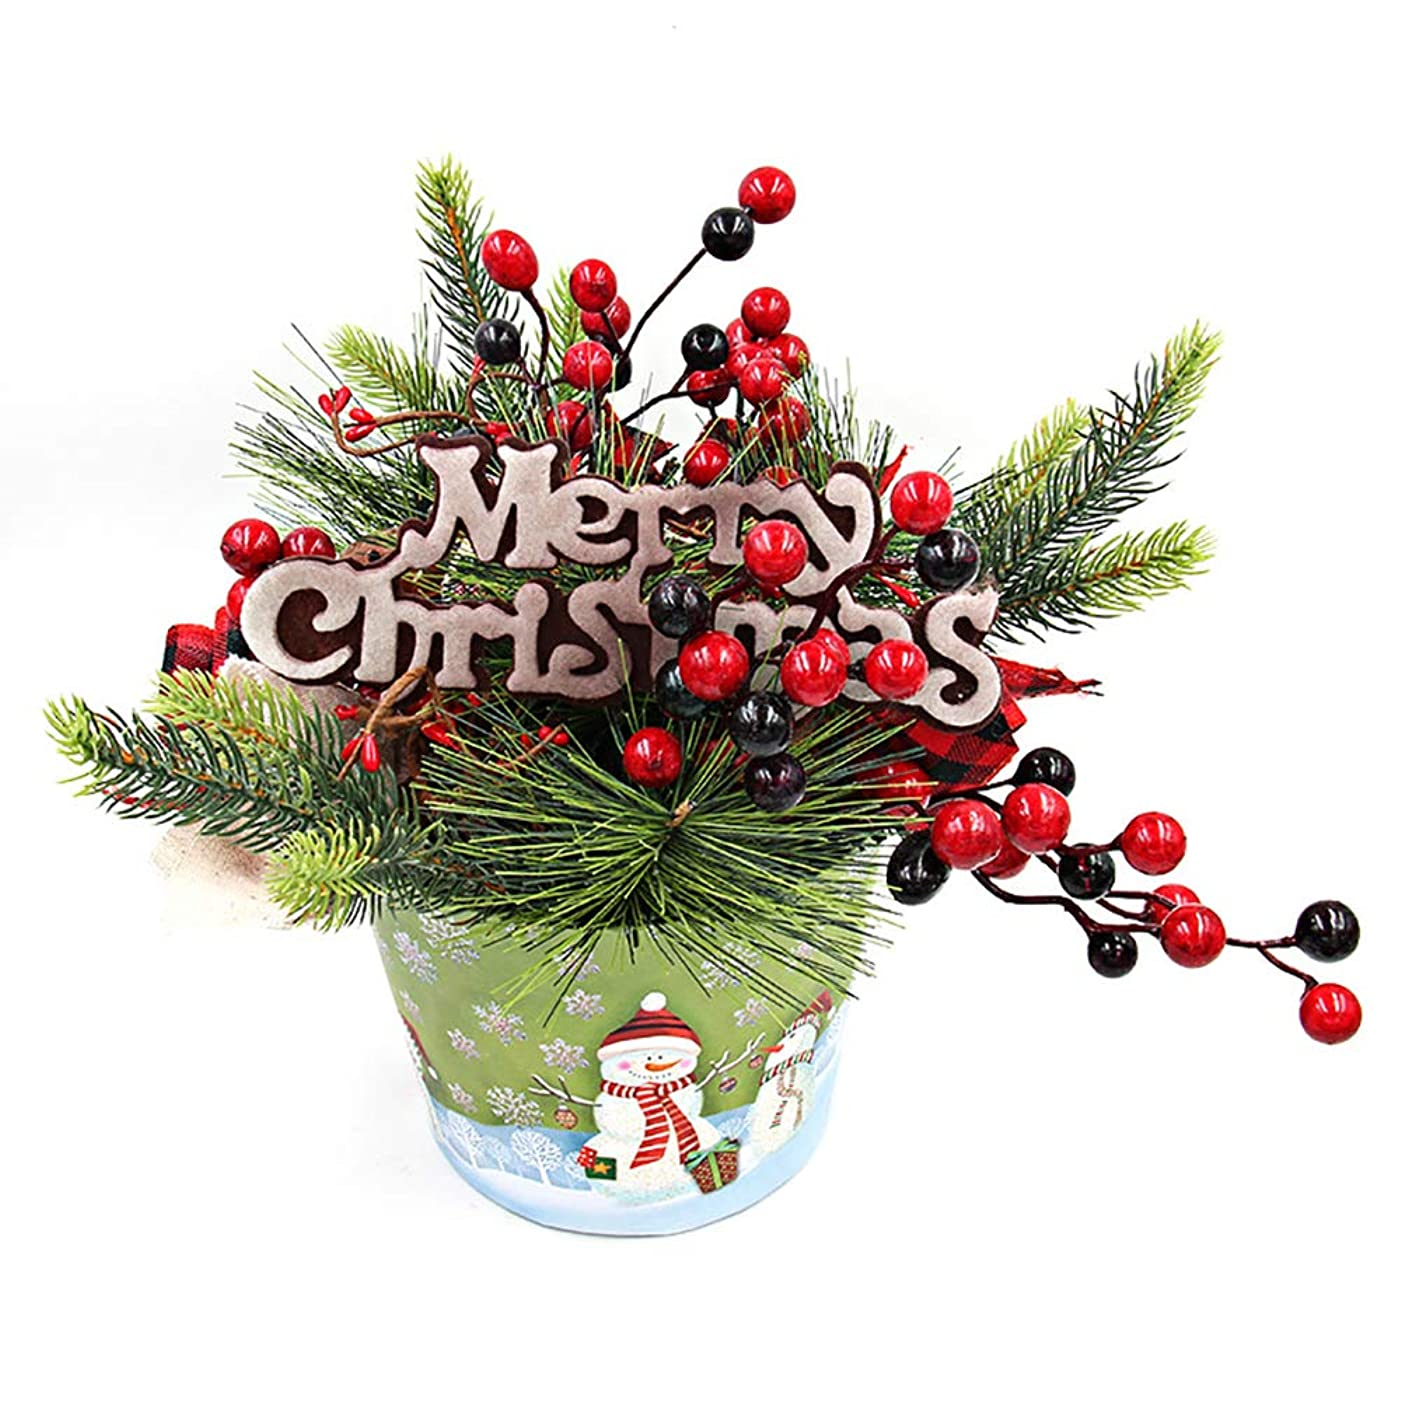 夕食を食べるとは異なり課税(フェイスコジー) Facecozy クリスマスツリー 装飾 クリスマス飾り テーブル ペンダント オーナメントクリスマス インテリア飾り ギフト リスマス雰囲気満載 (クリスマスツリー)